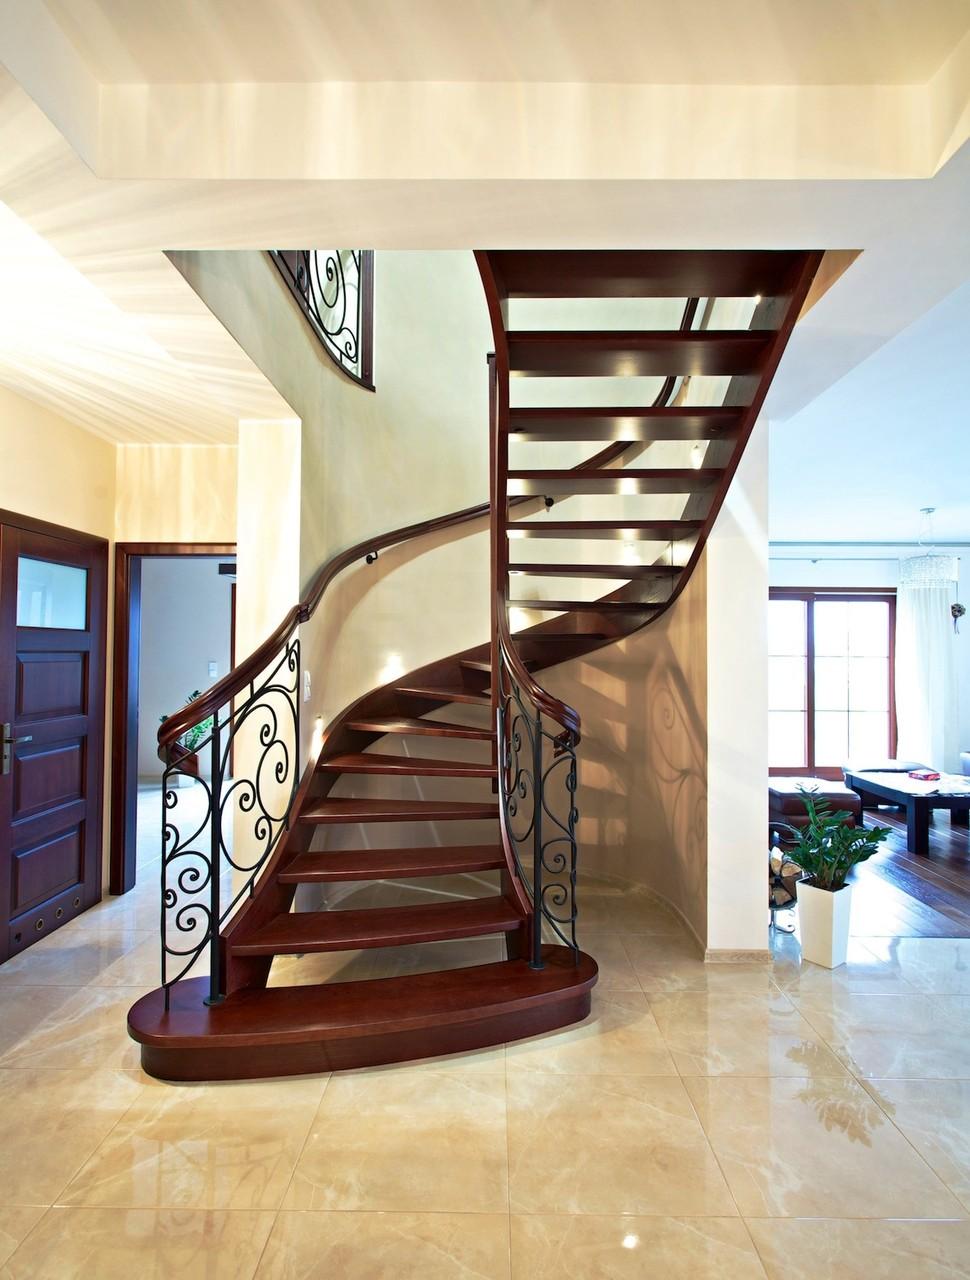 wangentreppe karlsruhe designed by tbs. Black Bedroom Furniture Sets. Home Design Ideas